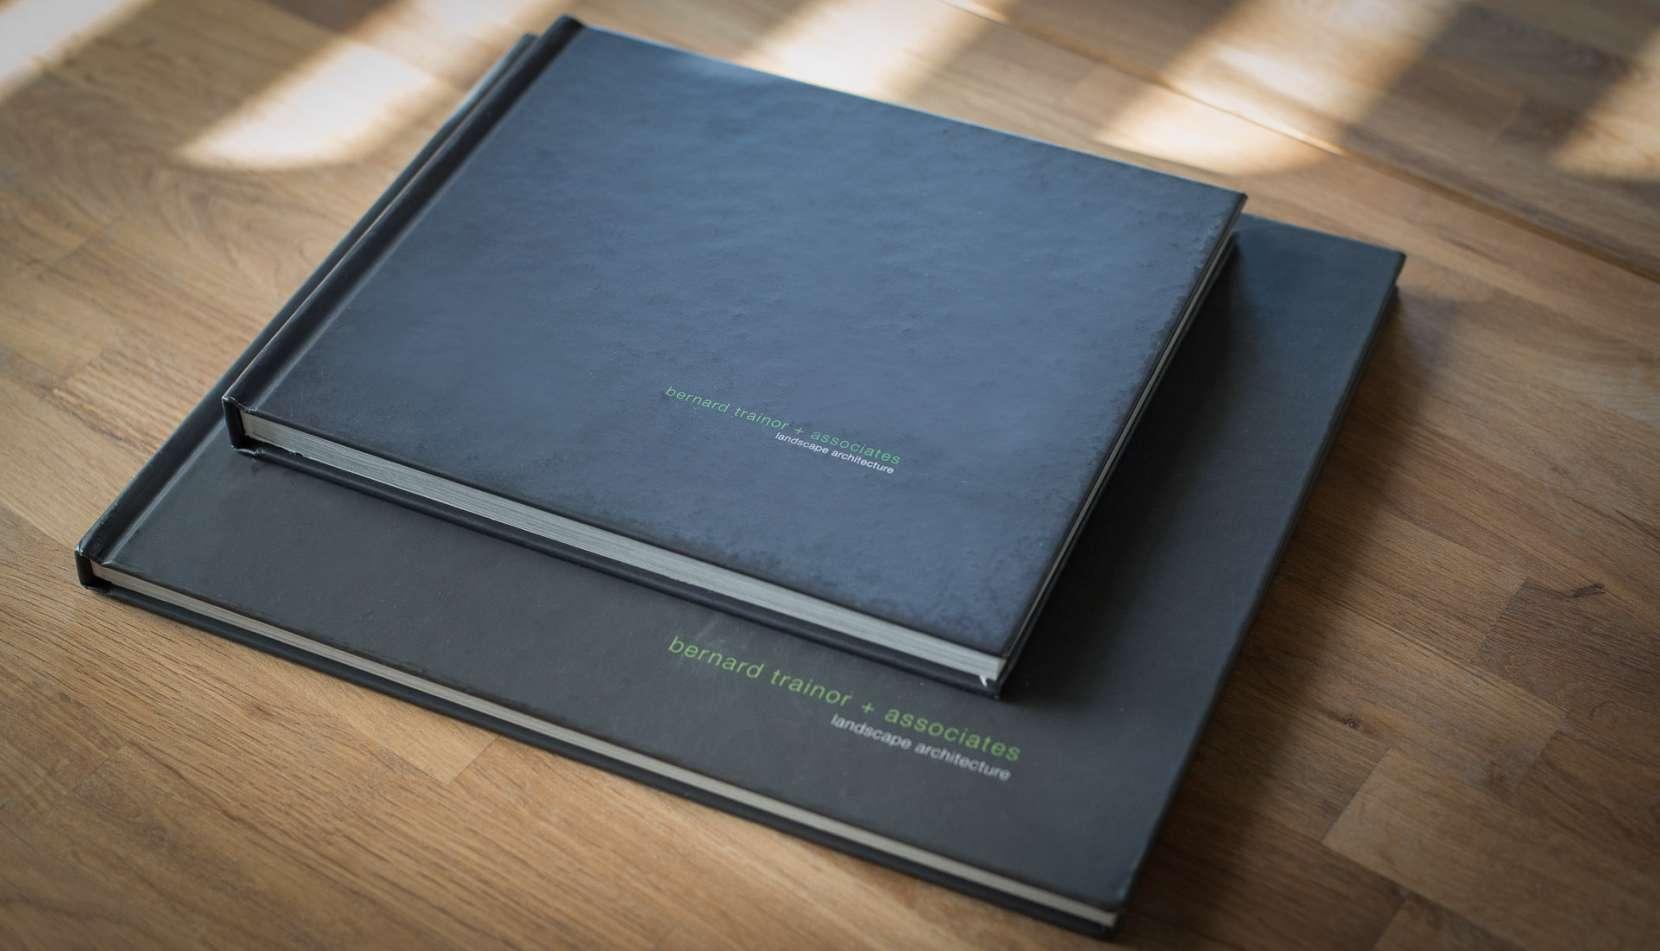 bta-book-6379-1660x951.jpg